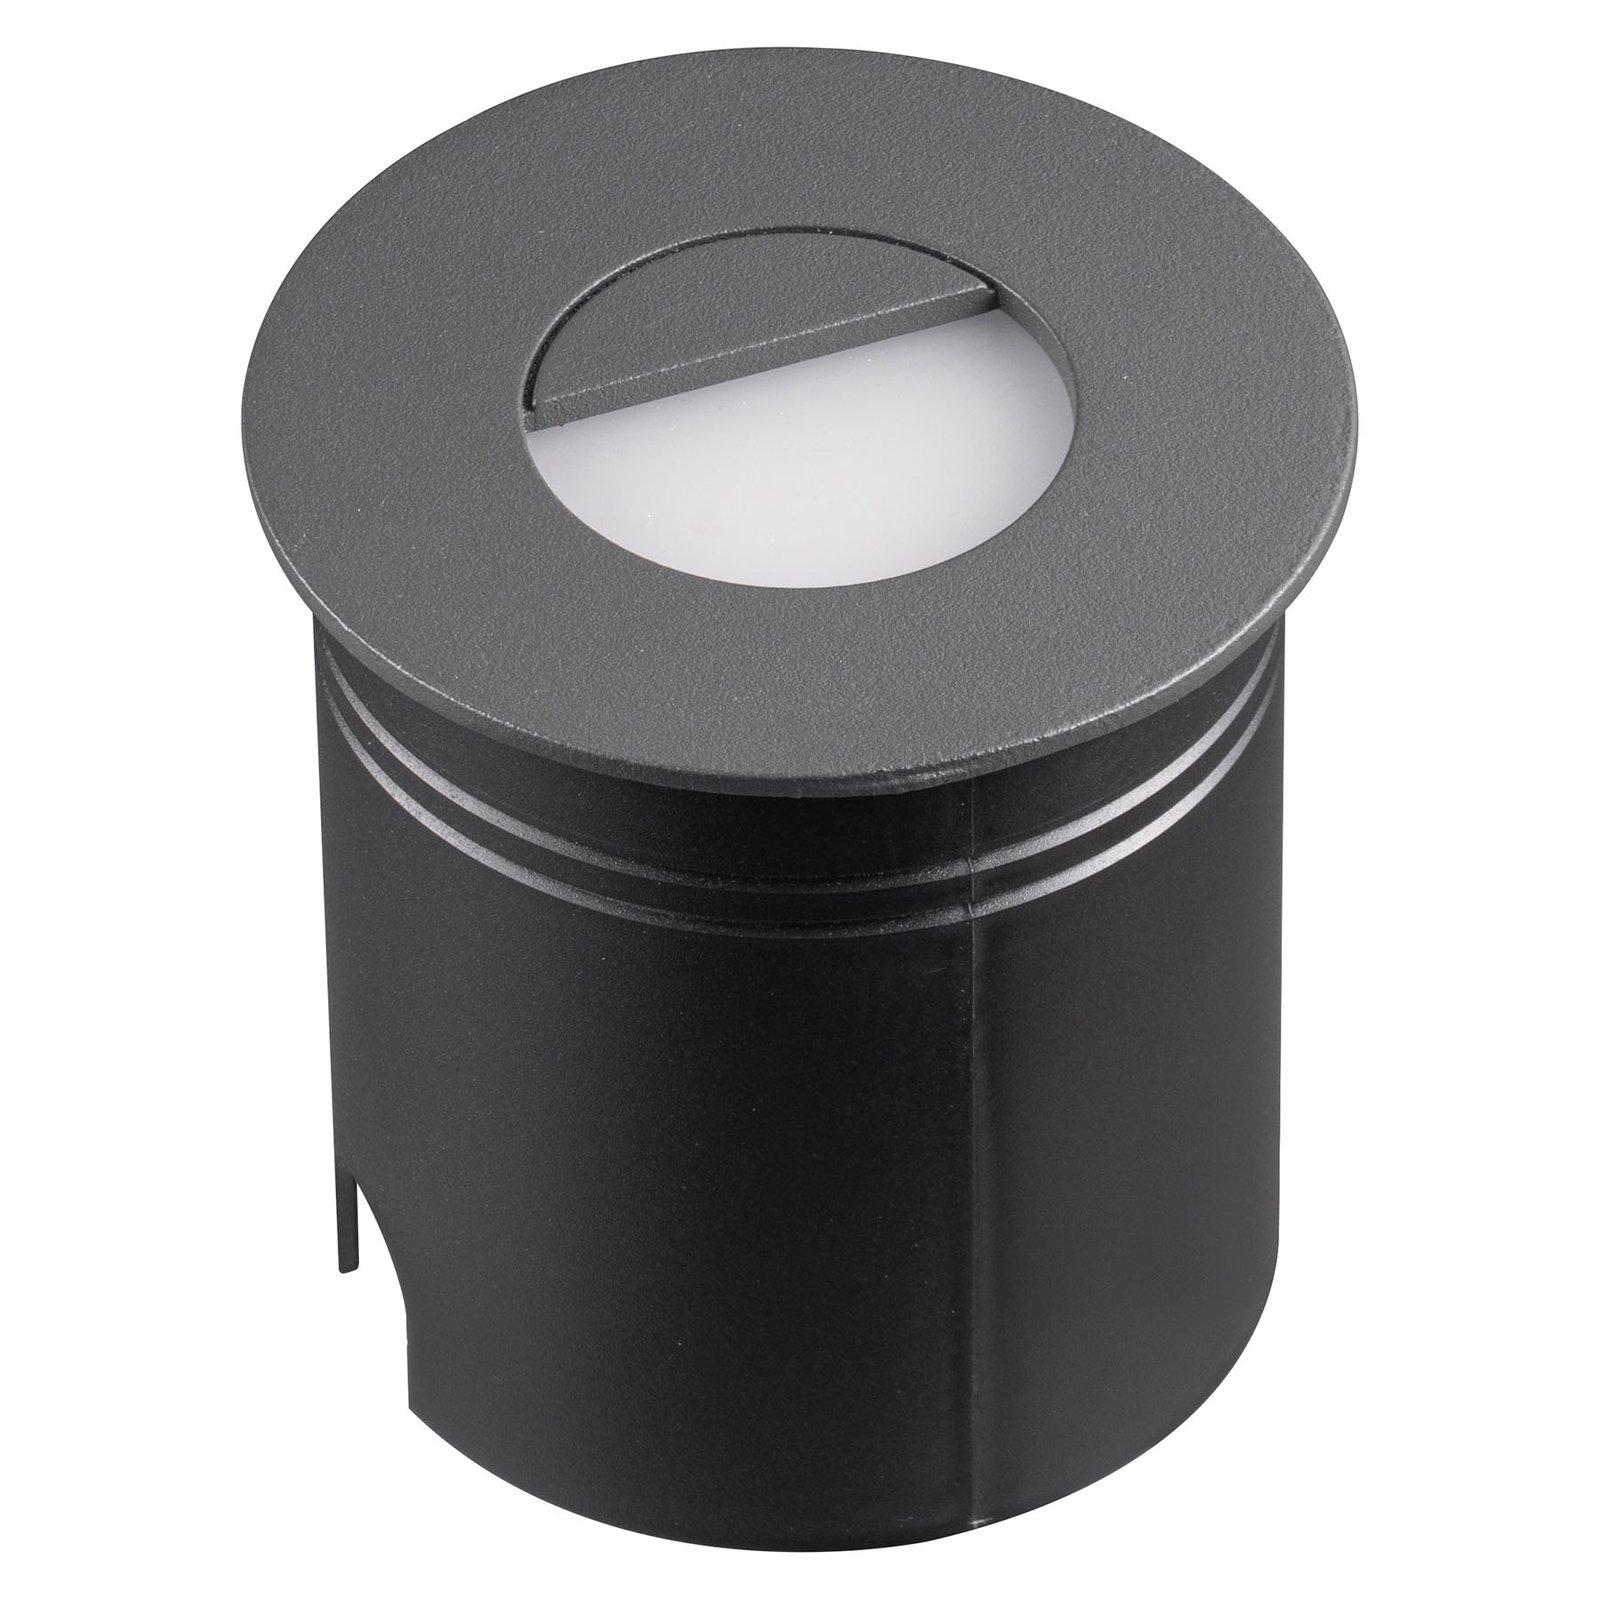 Aspen LED-innfellingslampe med spreder, rund, grå